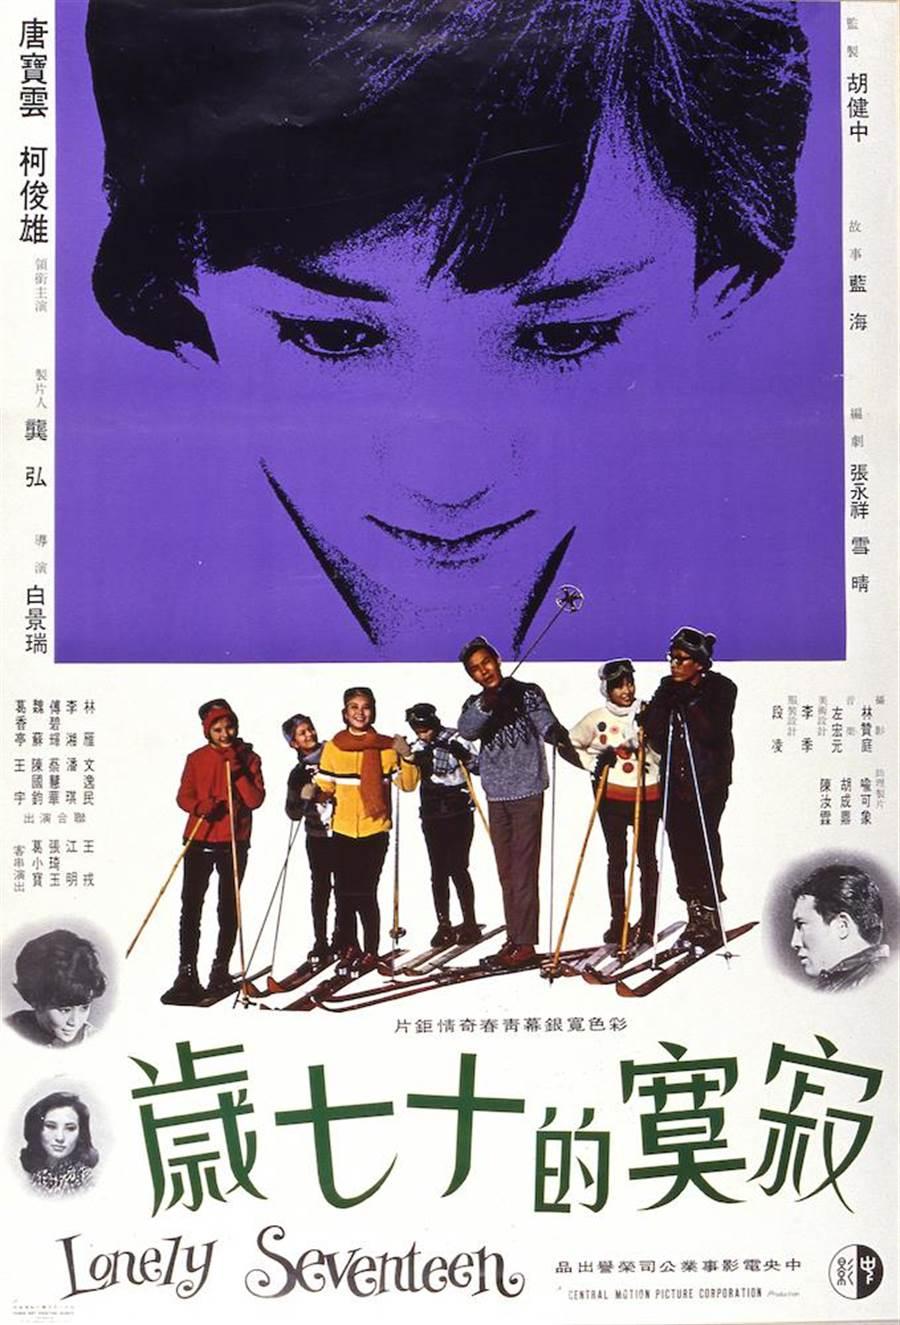 柯俊雄演過271部電影,他以《寂寞的十七歲》,成為第十四屆亞太影展影帝。(駿繕企業提供)